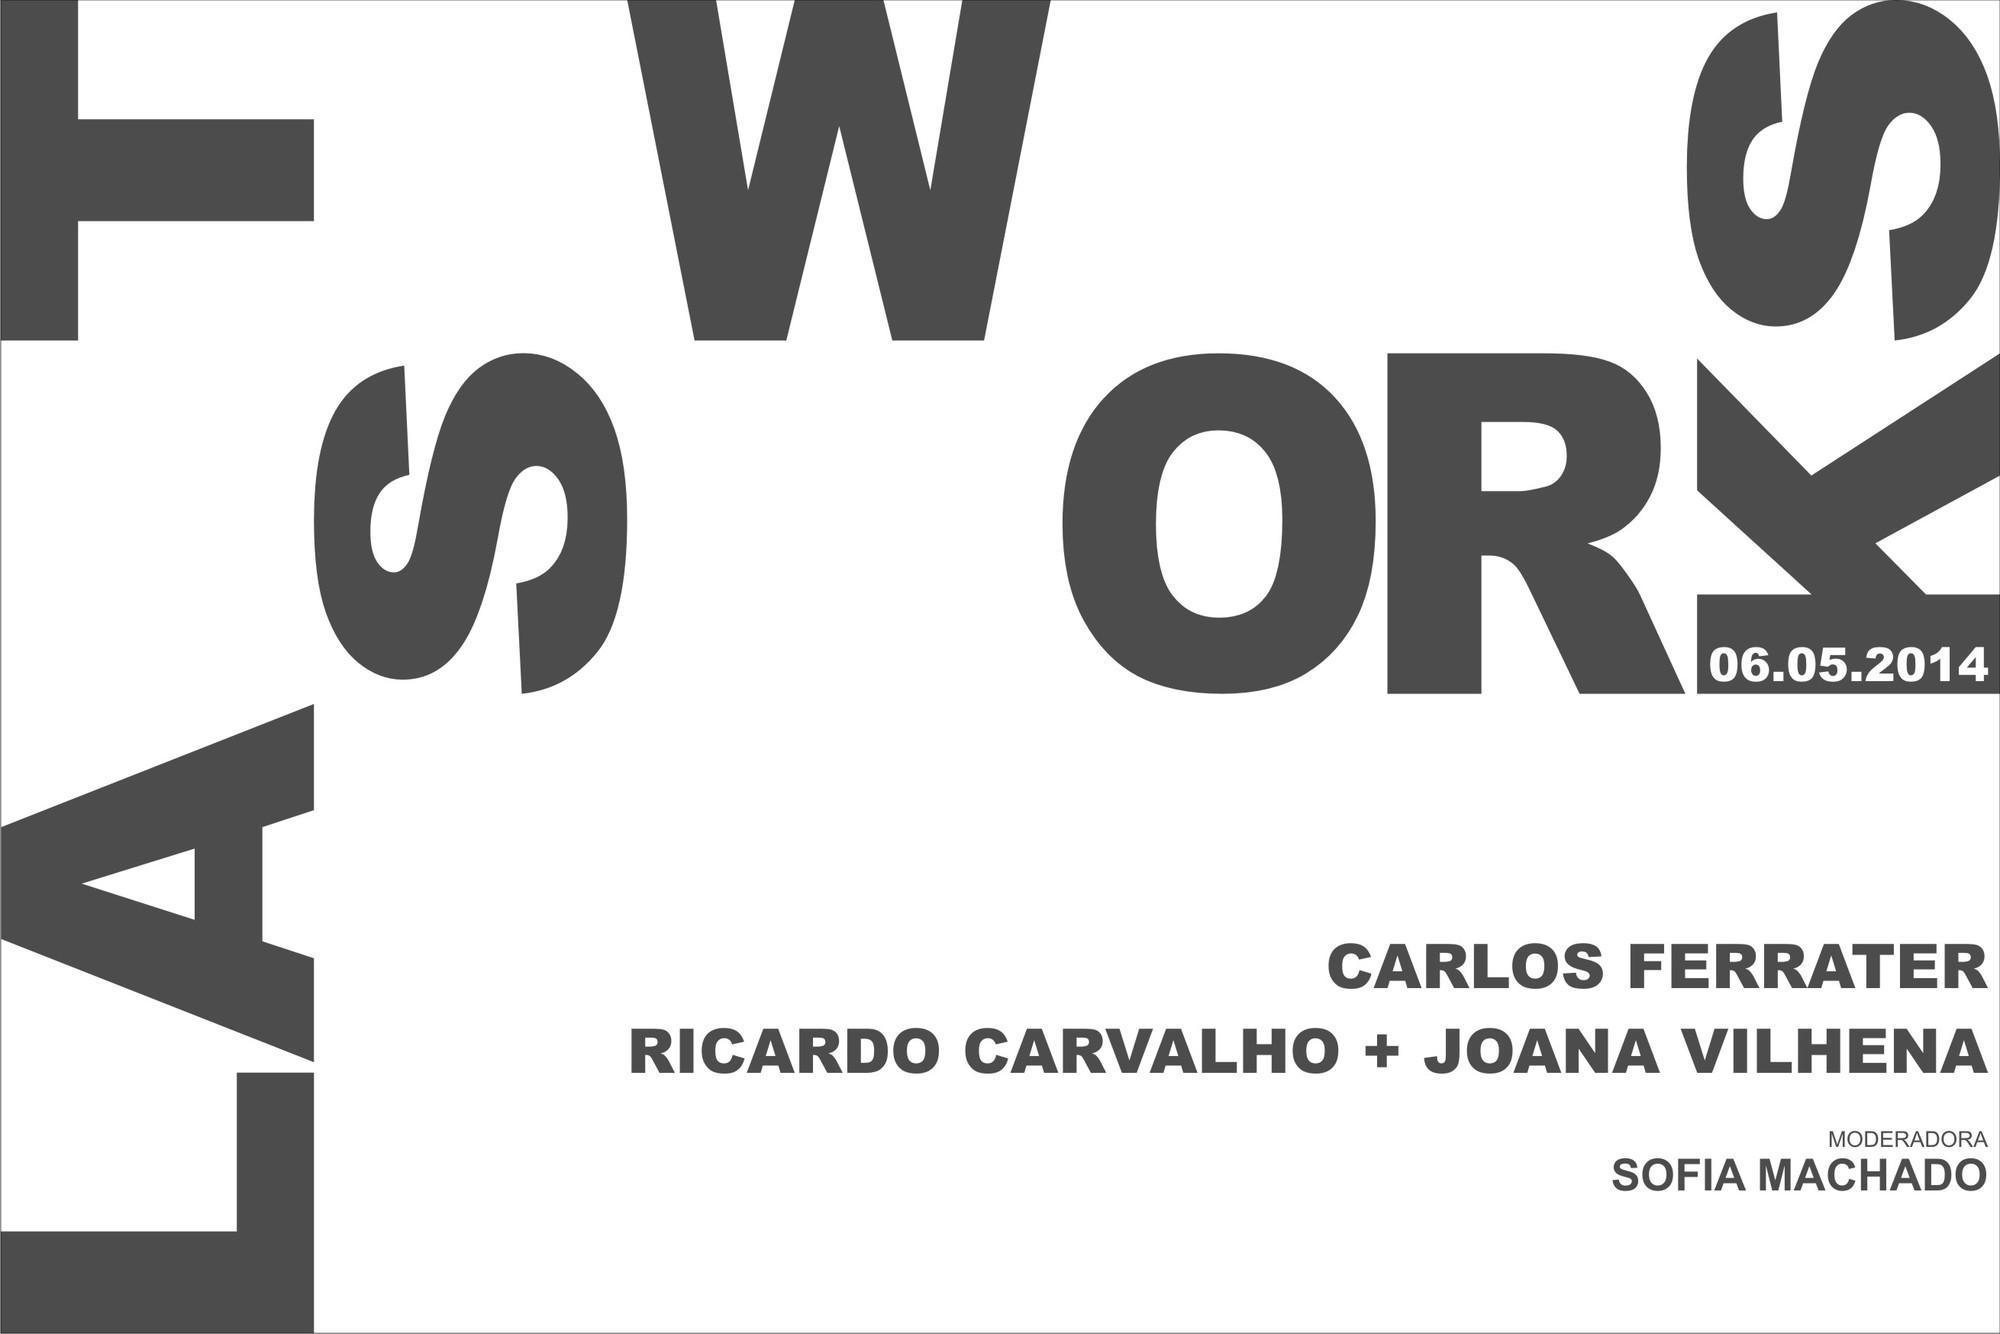 Inscrições para o Encontro e Conferência LAST WORKS, em Lisboa